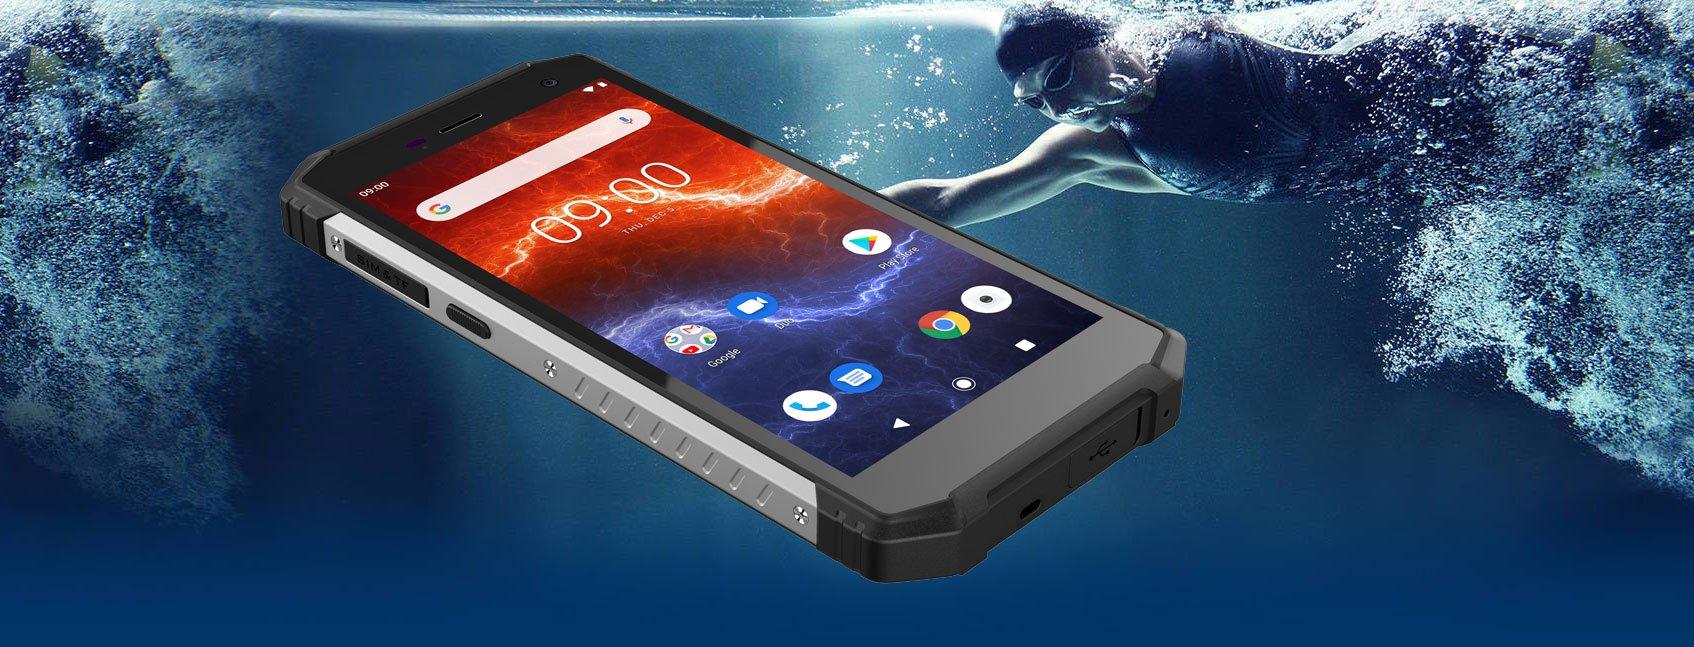 myPhone HAMMER Energy 2 odpornośc na wodę i pył